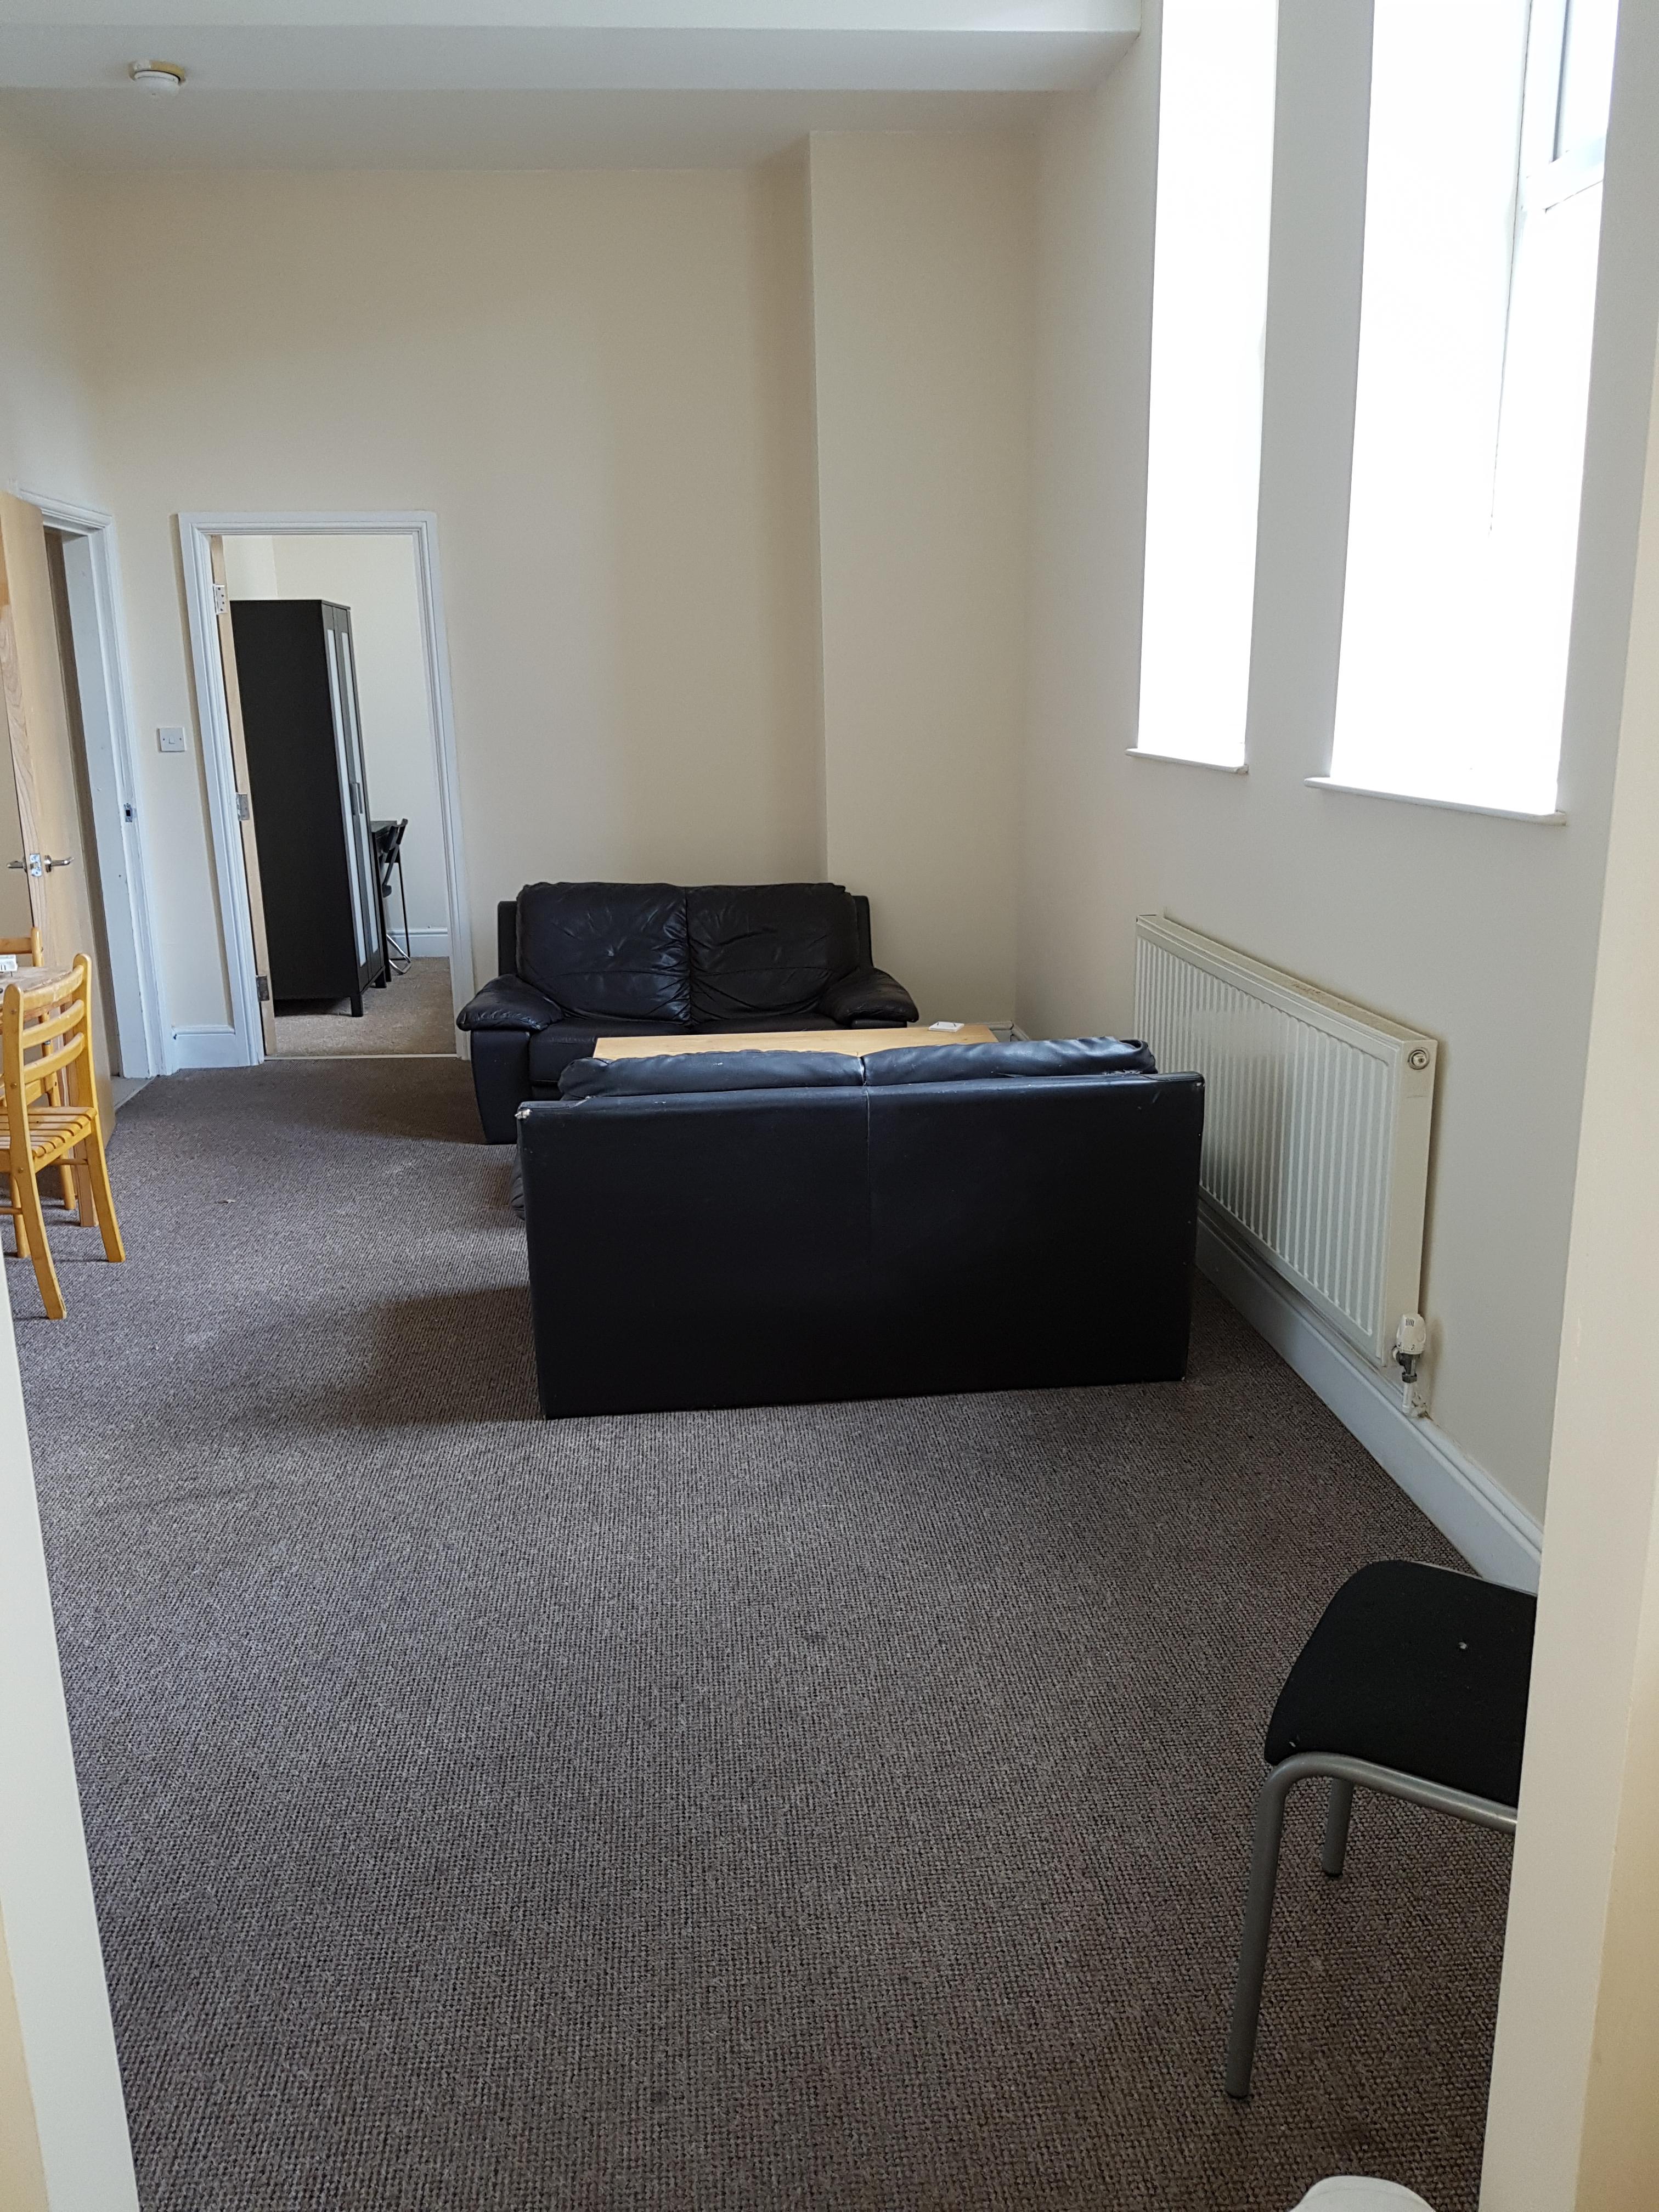 flat 9 499 new lounge